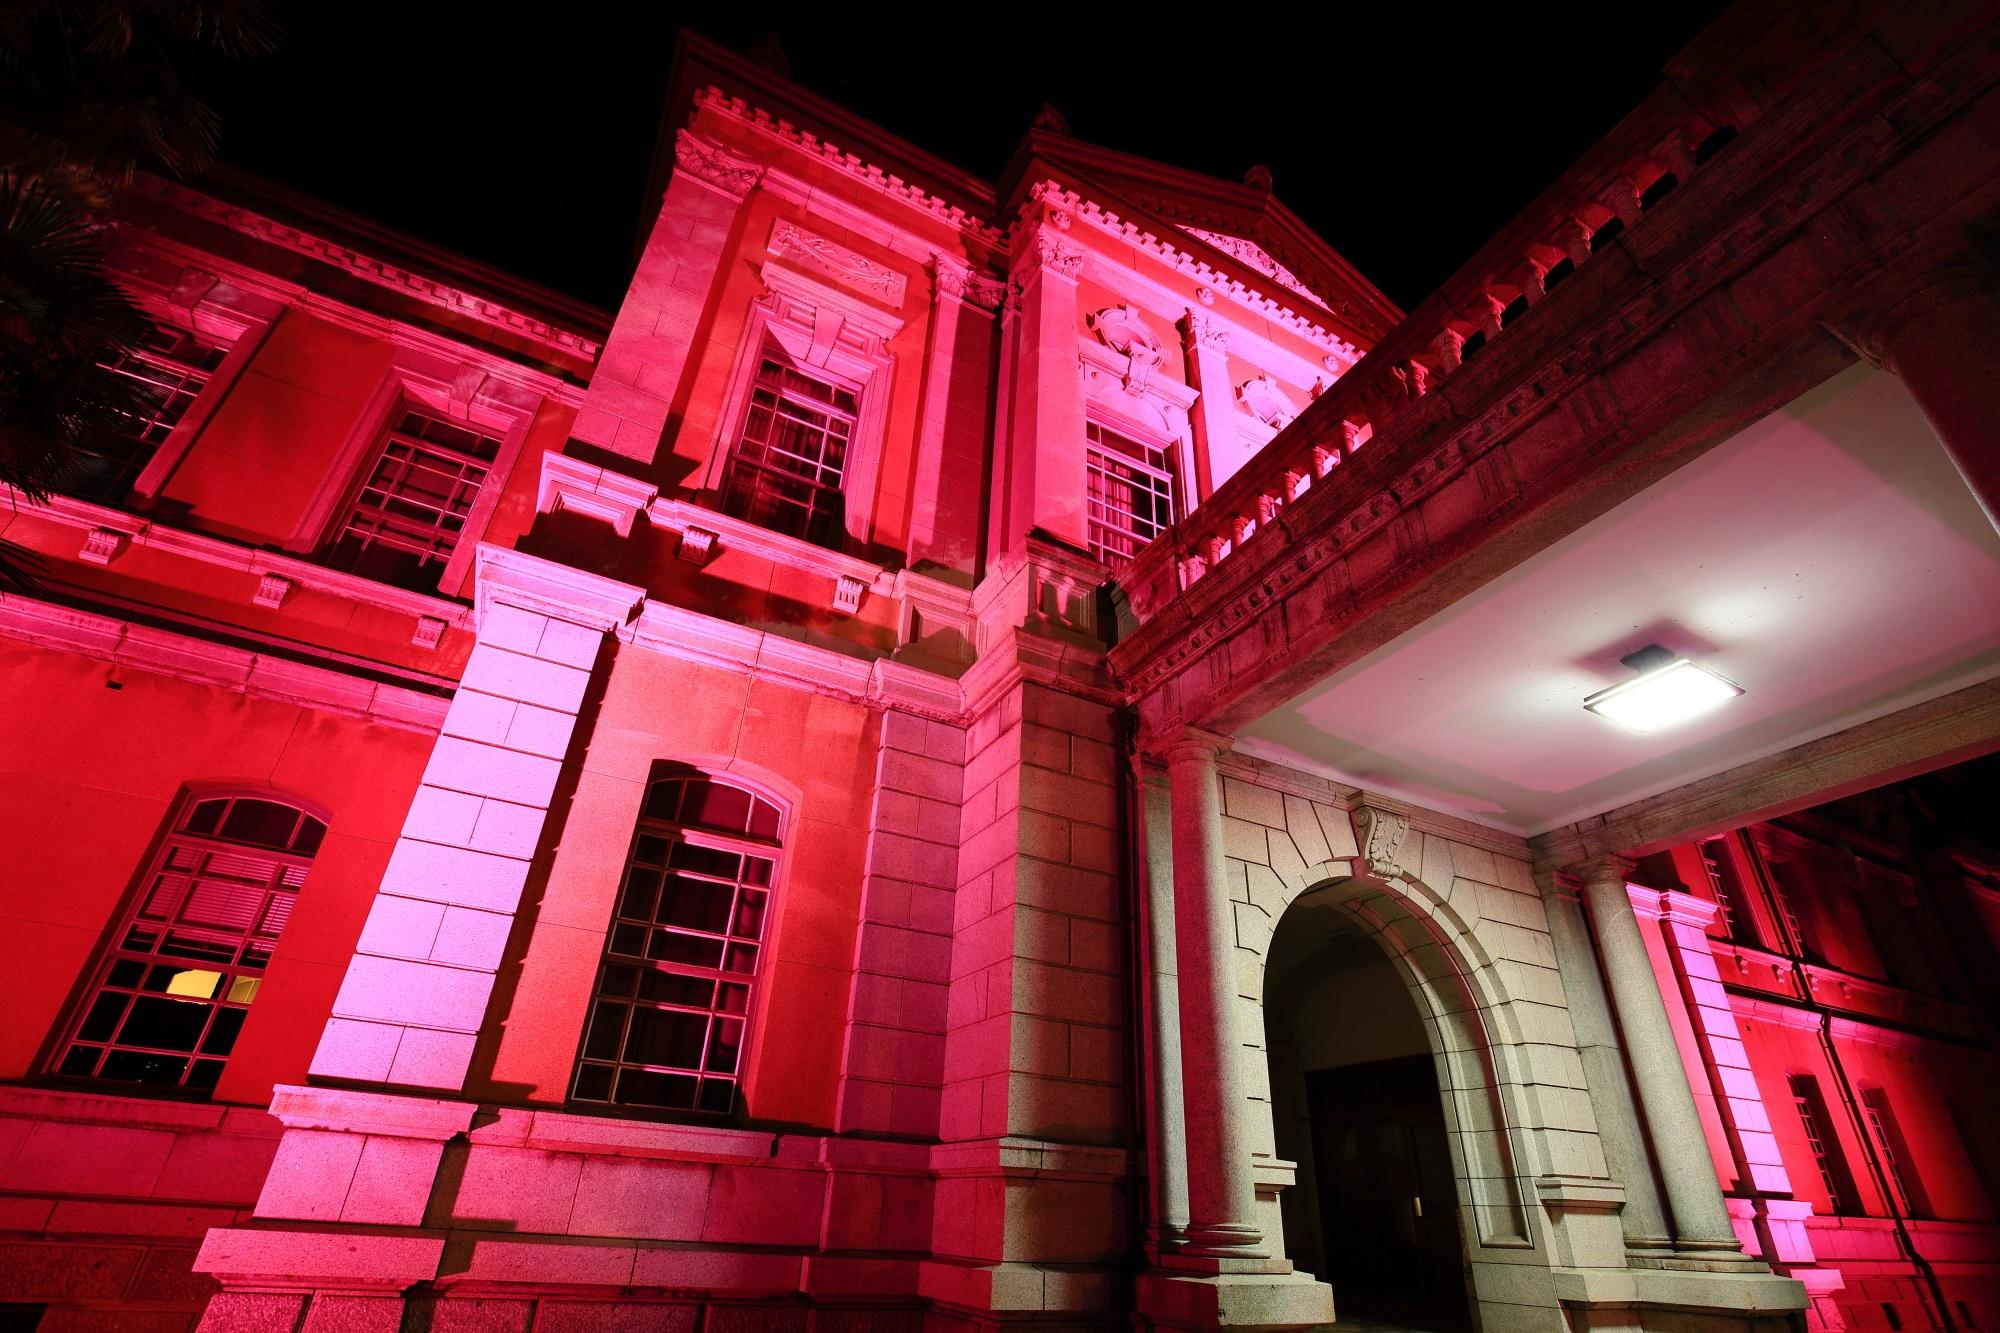 レトロ洋館の府庁旧本館のピンクリボンライトアップ